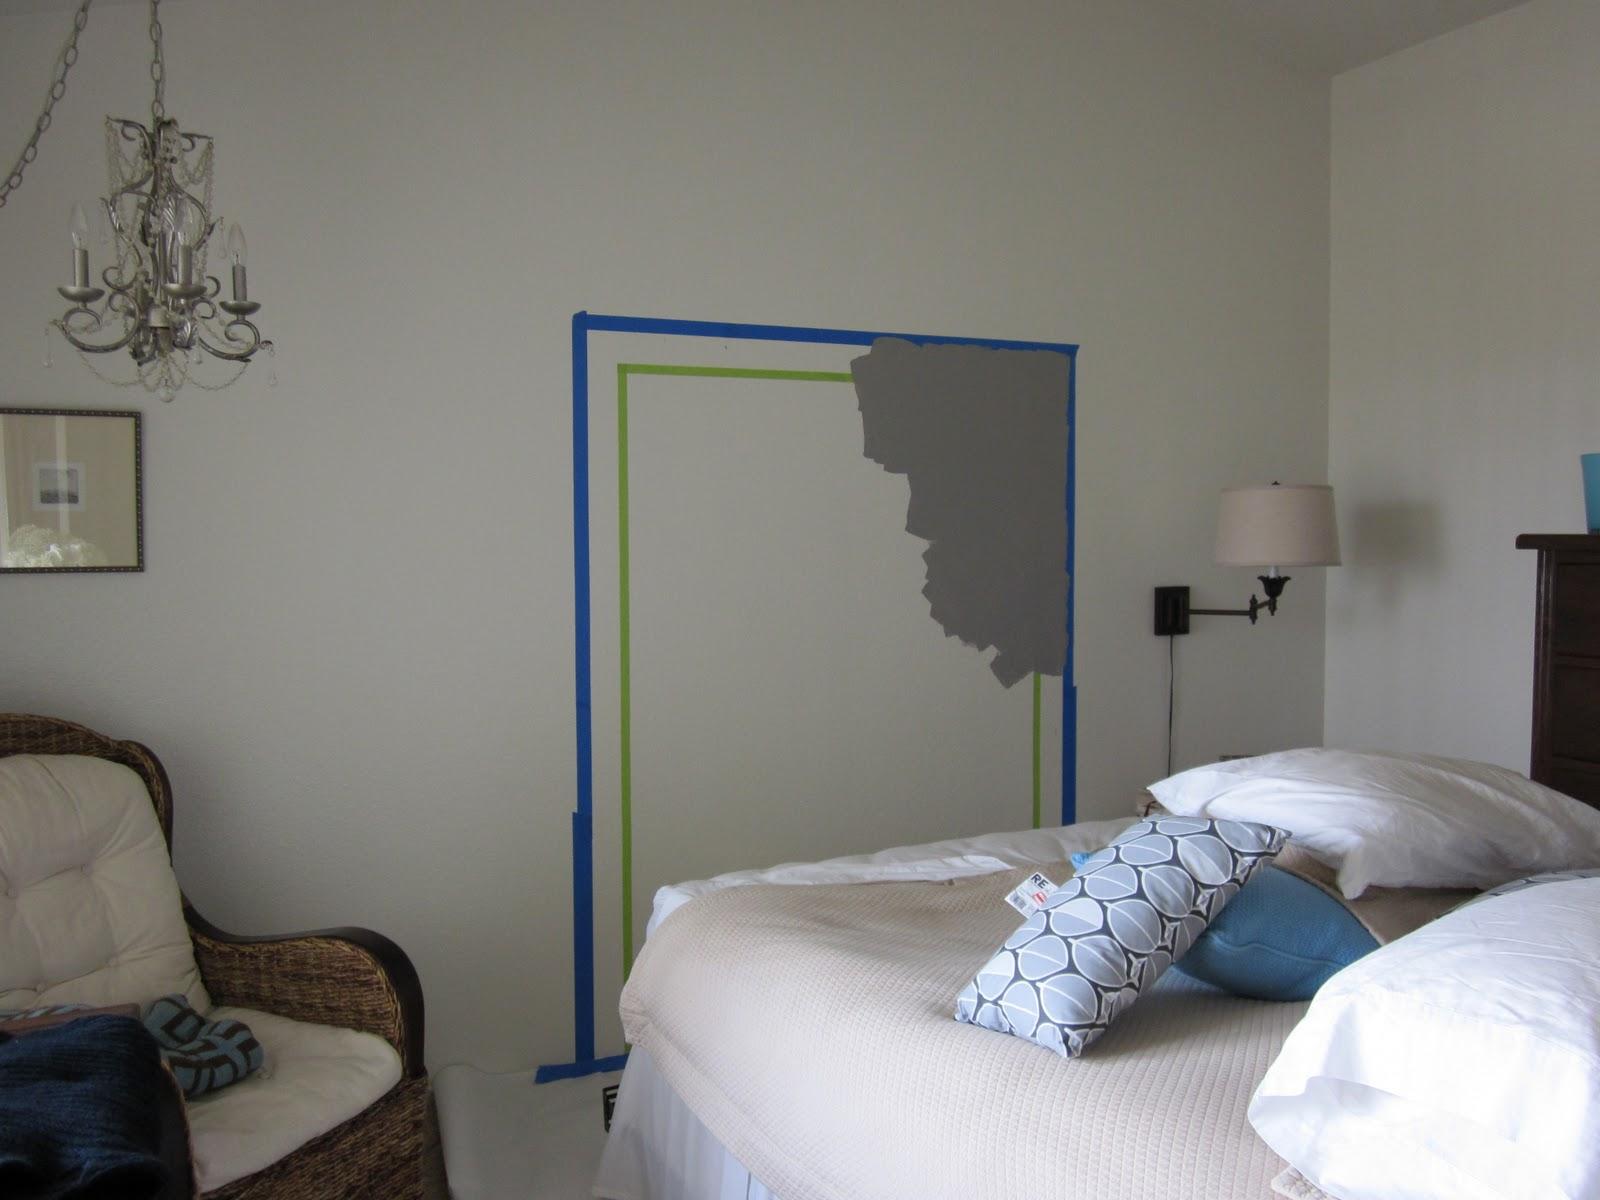 Decoraxpoco cabeceros - Como pintar bien una pared ...